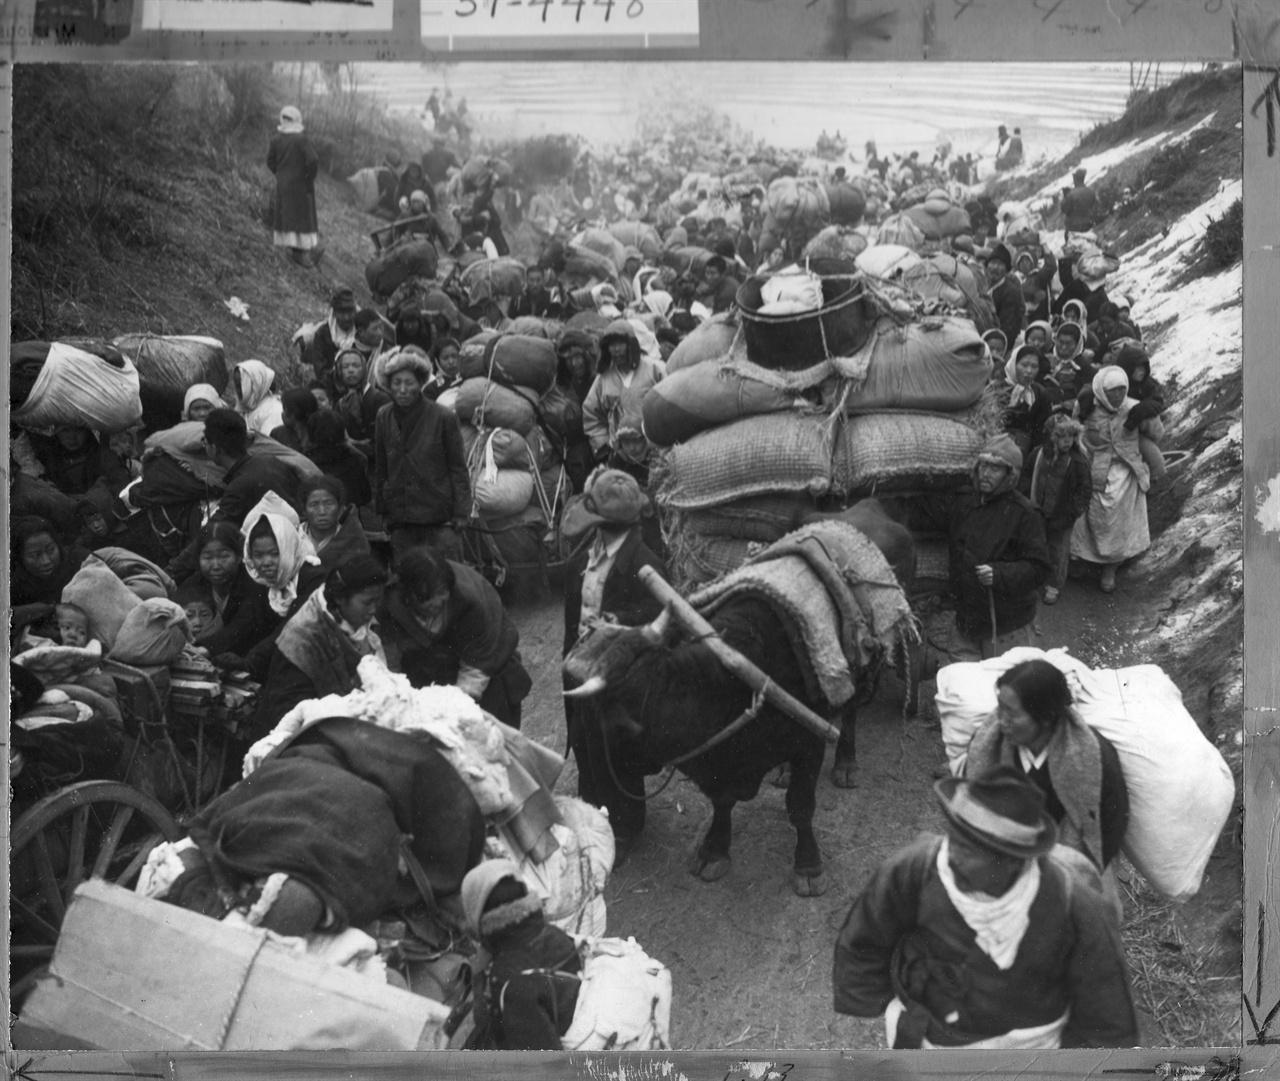 1951. 1. 5. 서울 근교, 1. 4 후퇴로 끝없이 이어진 피란민 행렬.